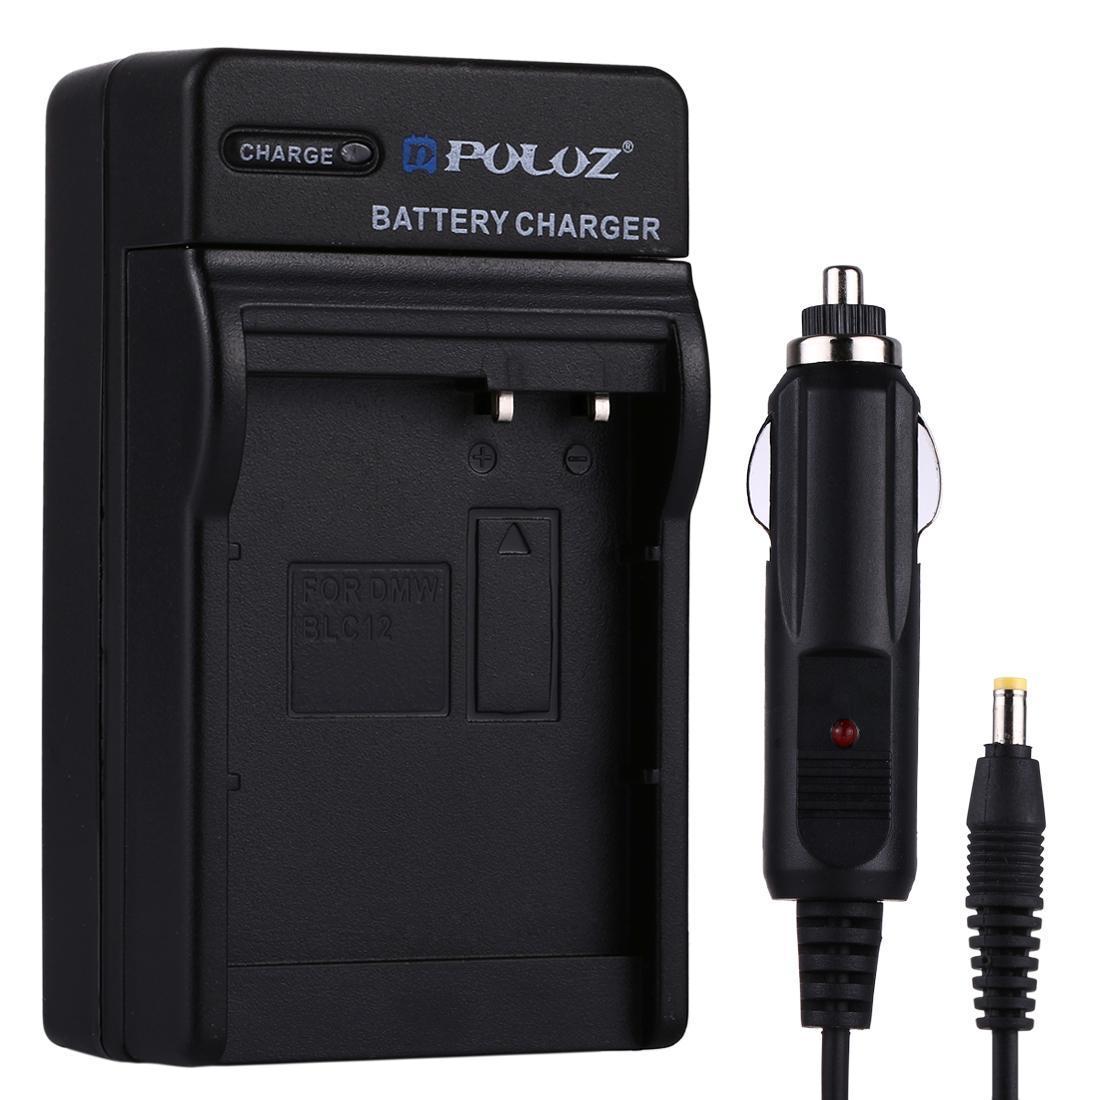 PULUZ Appareil photo numérique Chargeur de batterie de voiture pour Panasonic DMW-BLC12 Batterie